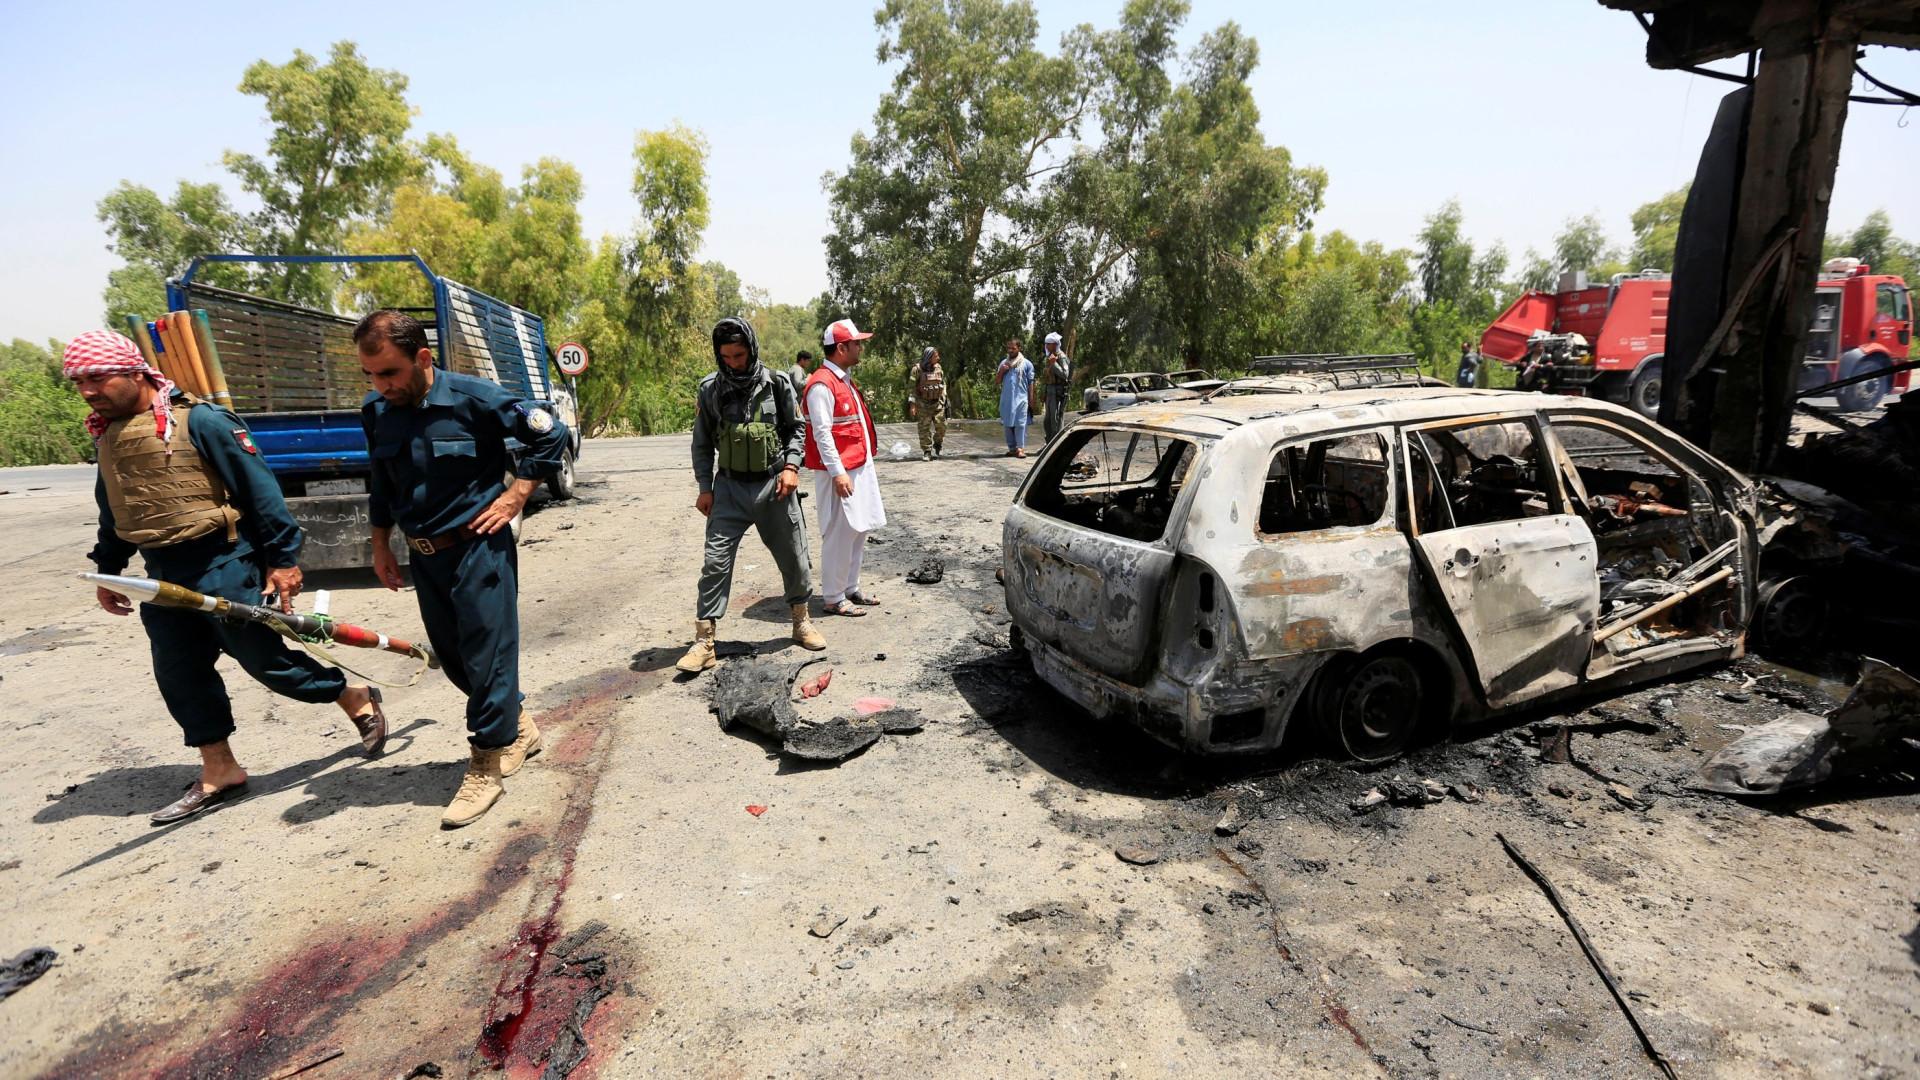 Ataque suicida no Afeganistão deixa pelo menos 11 mortos